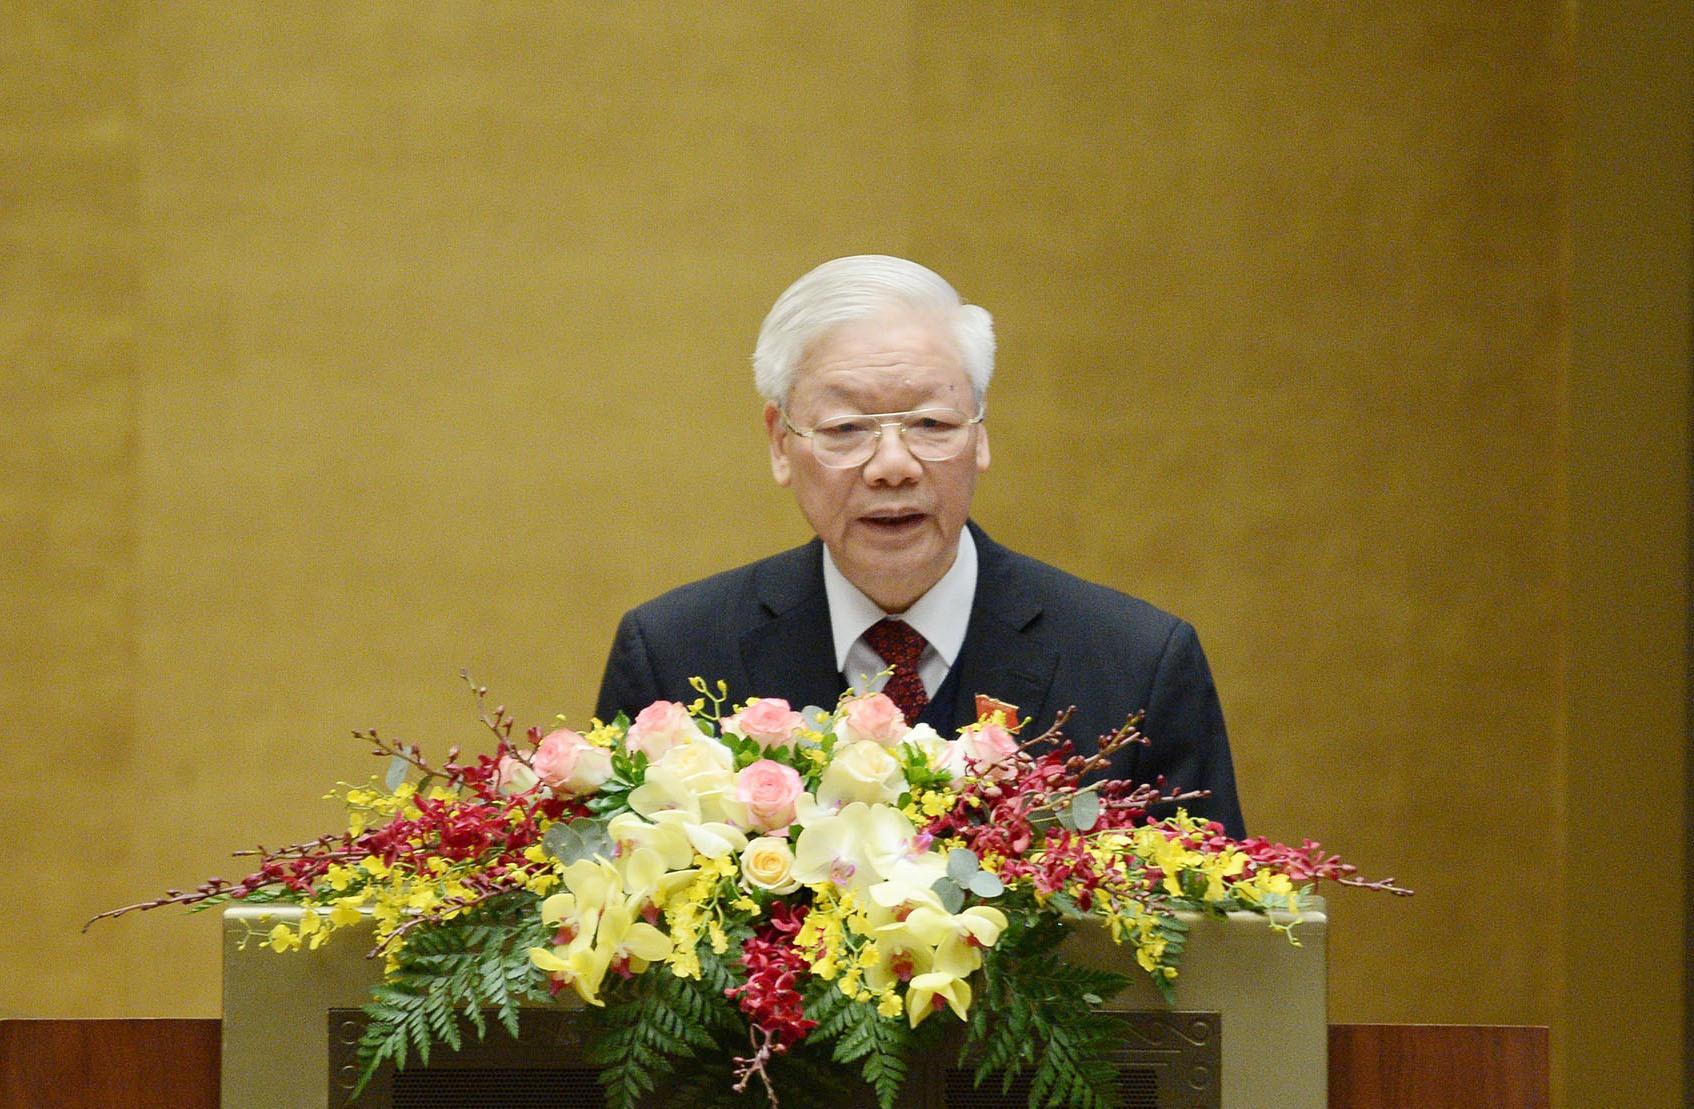 Chủ tịch nước Nguyễn Phú Trọng báo cáo trước Quốc hội